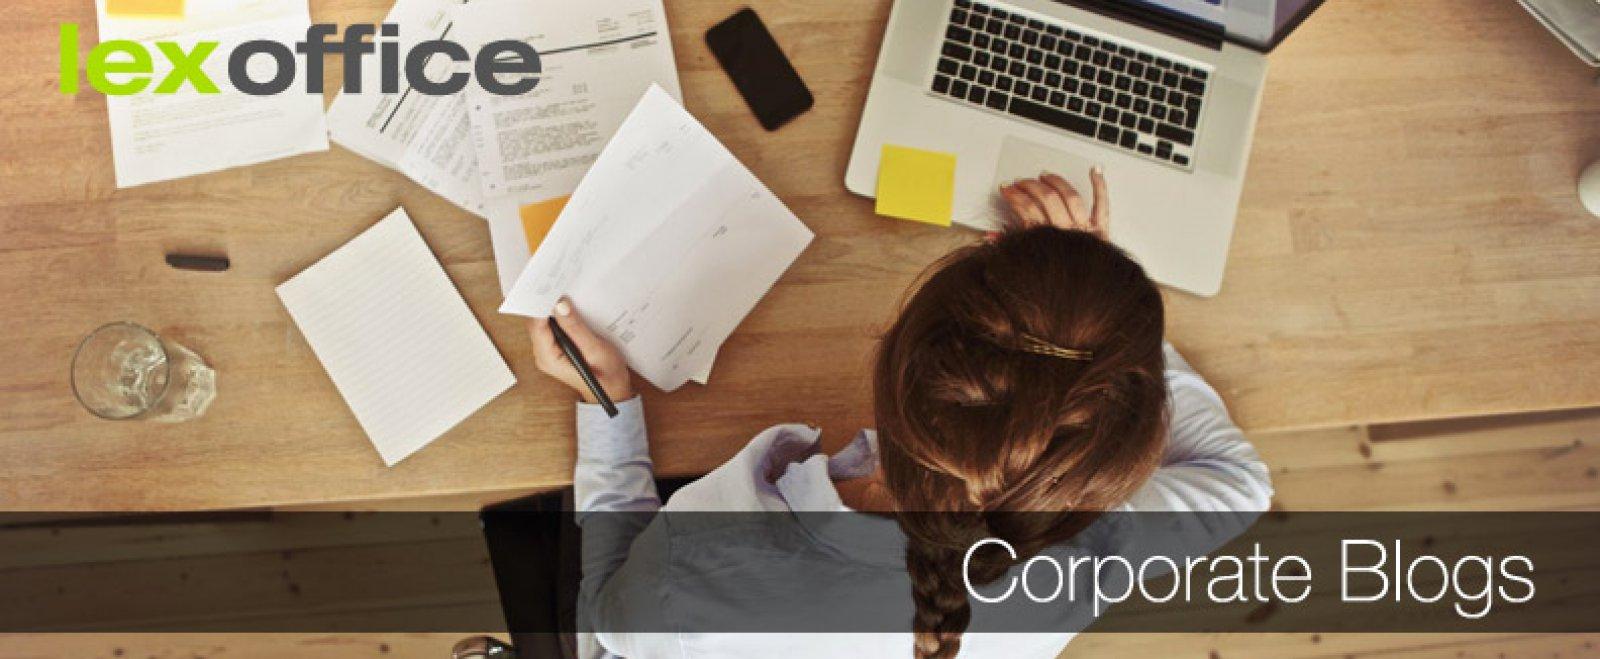 Corporate Blogs für Selbständige und Startups